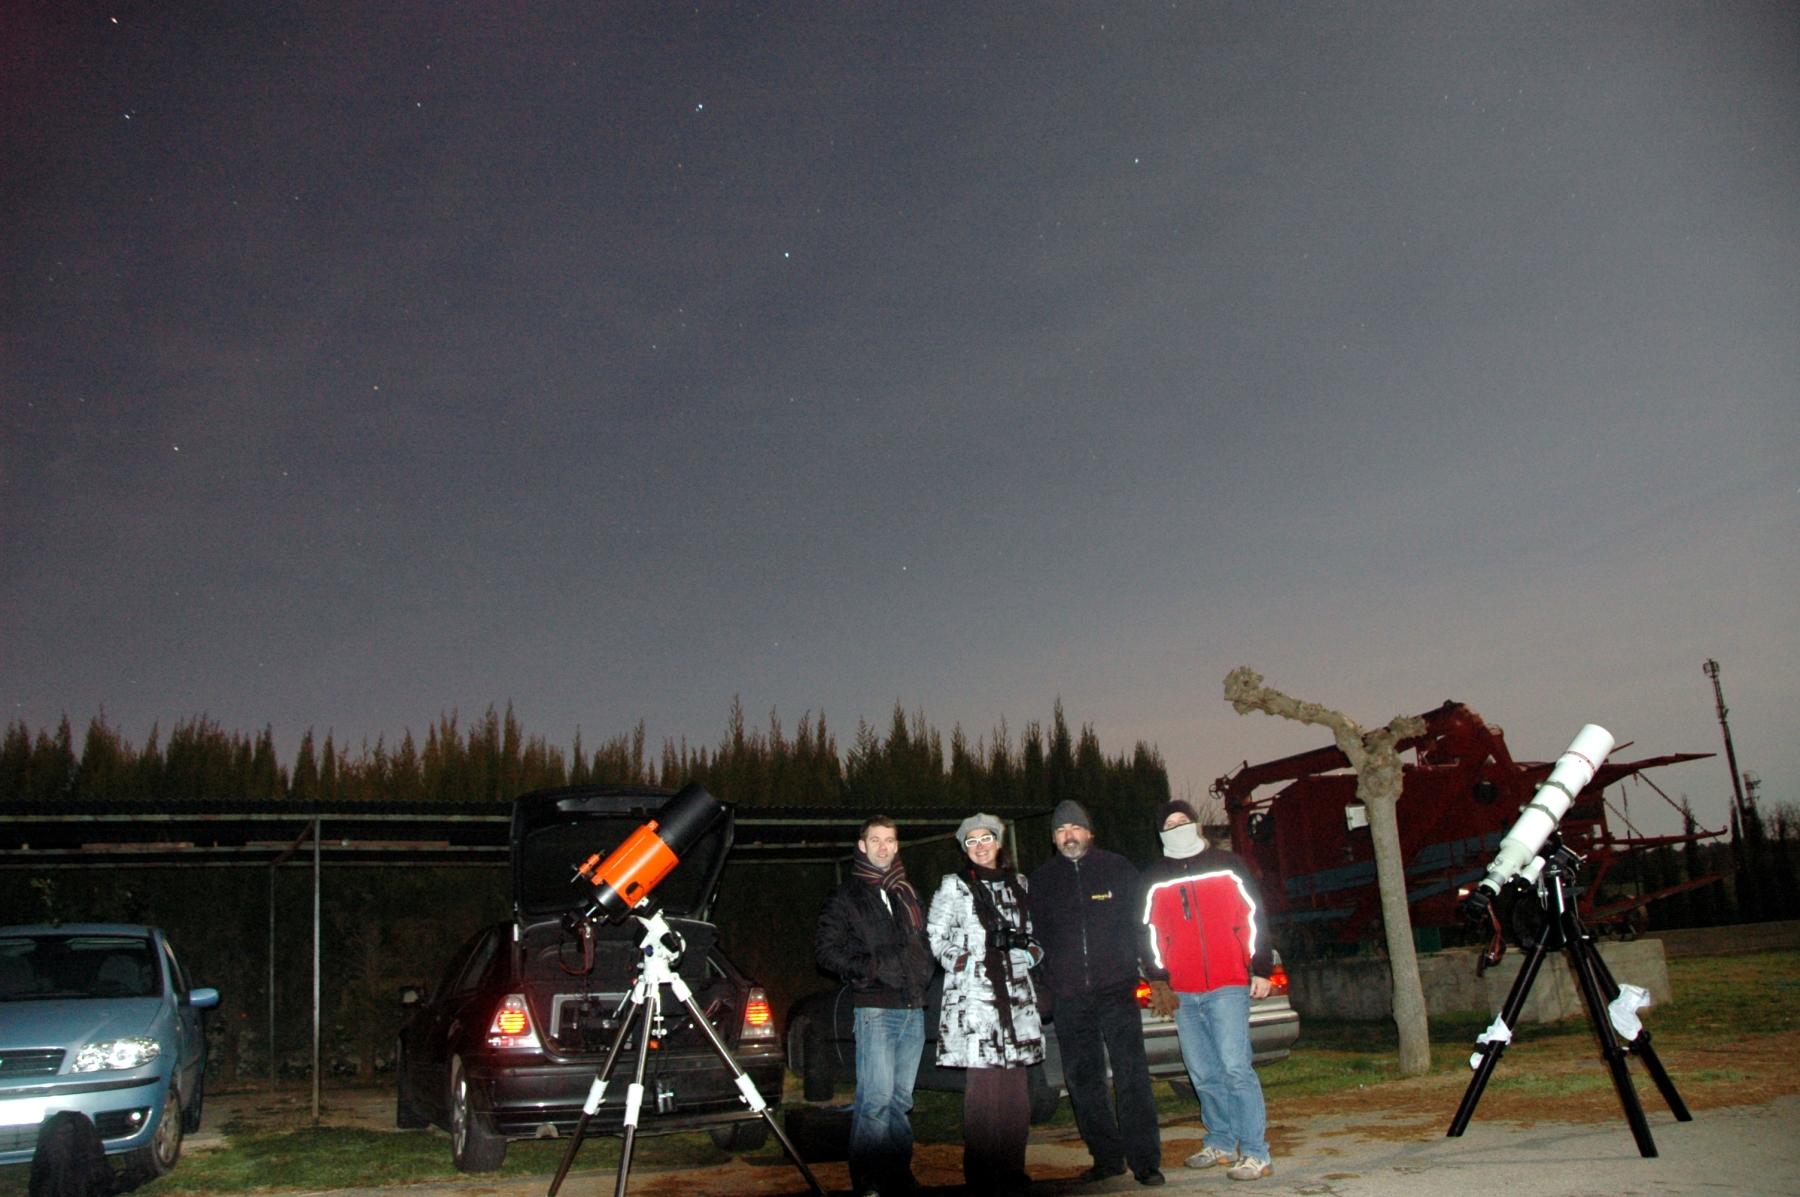 A punt pel trànsit de la ISS per la lluna